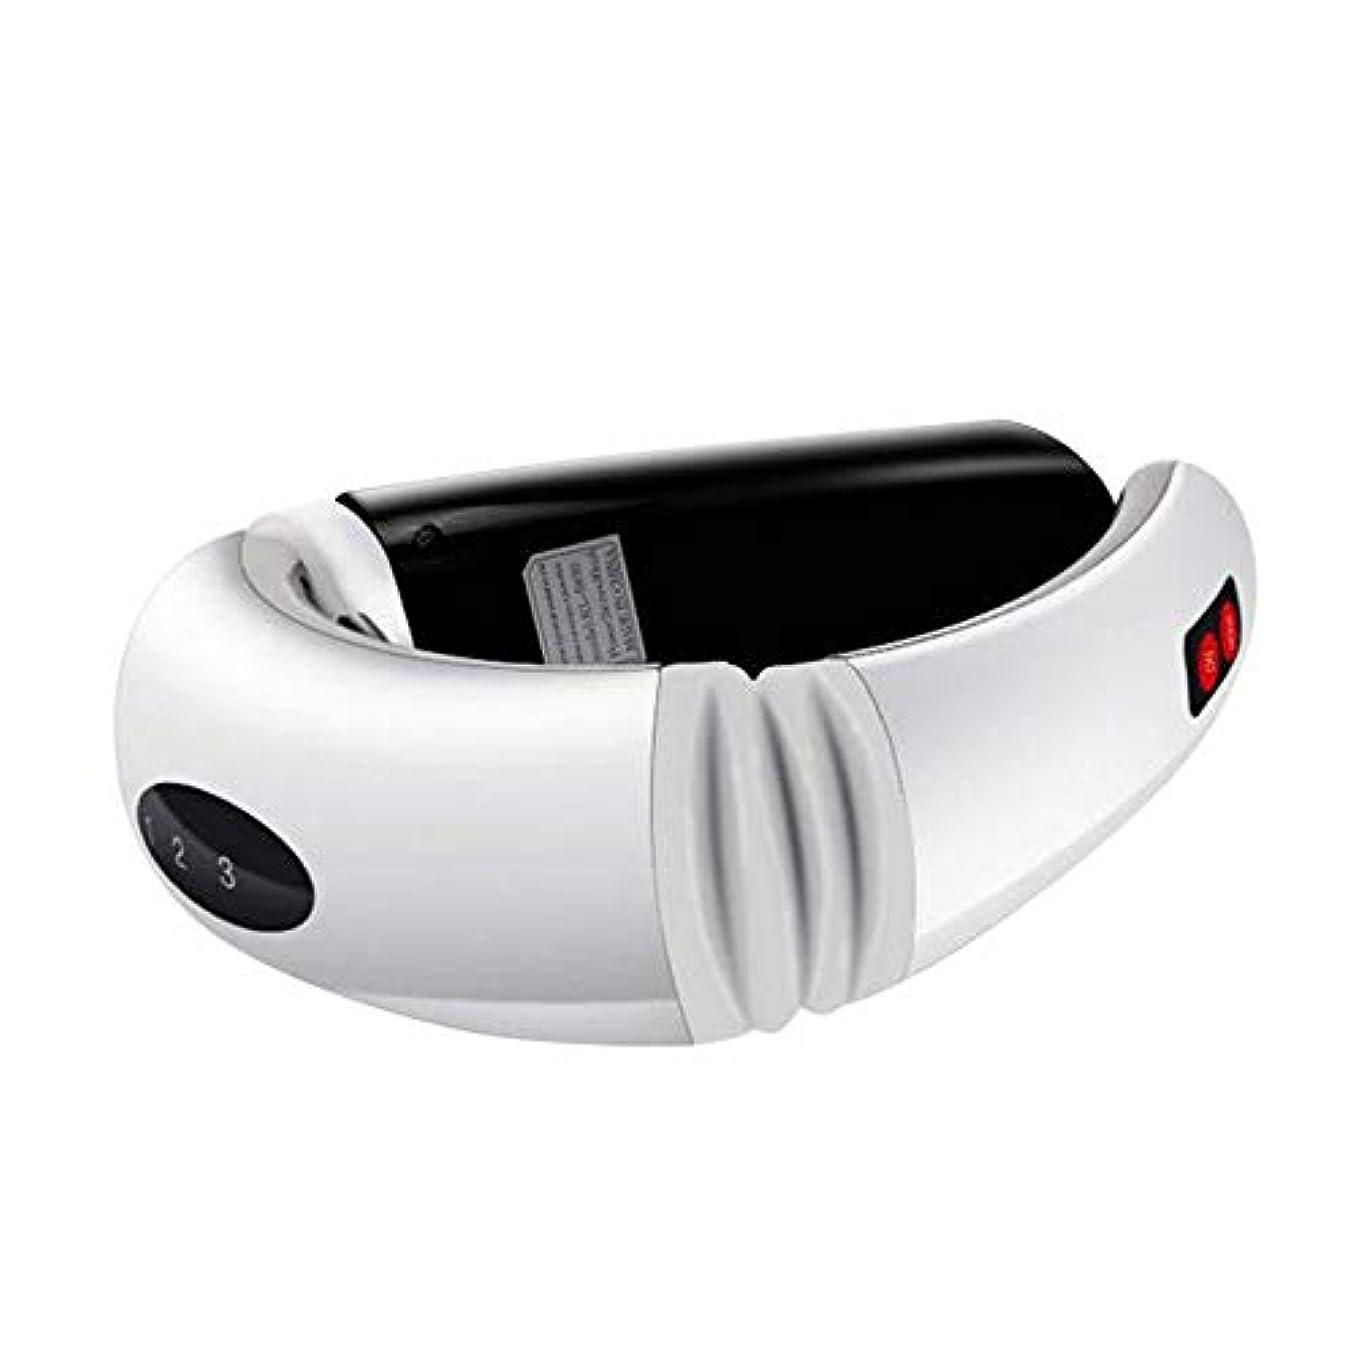 である百科事典背の高い首のマッサージャー電気USB再充電可能な子宮頸マッサージャーは、痛みの痛みの筋肉を取り除く車のオフィスとホームホワイト